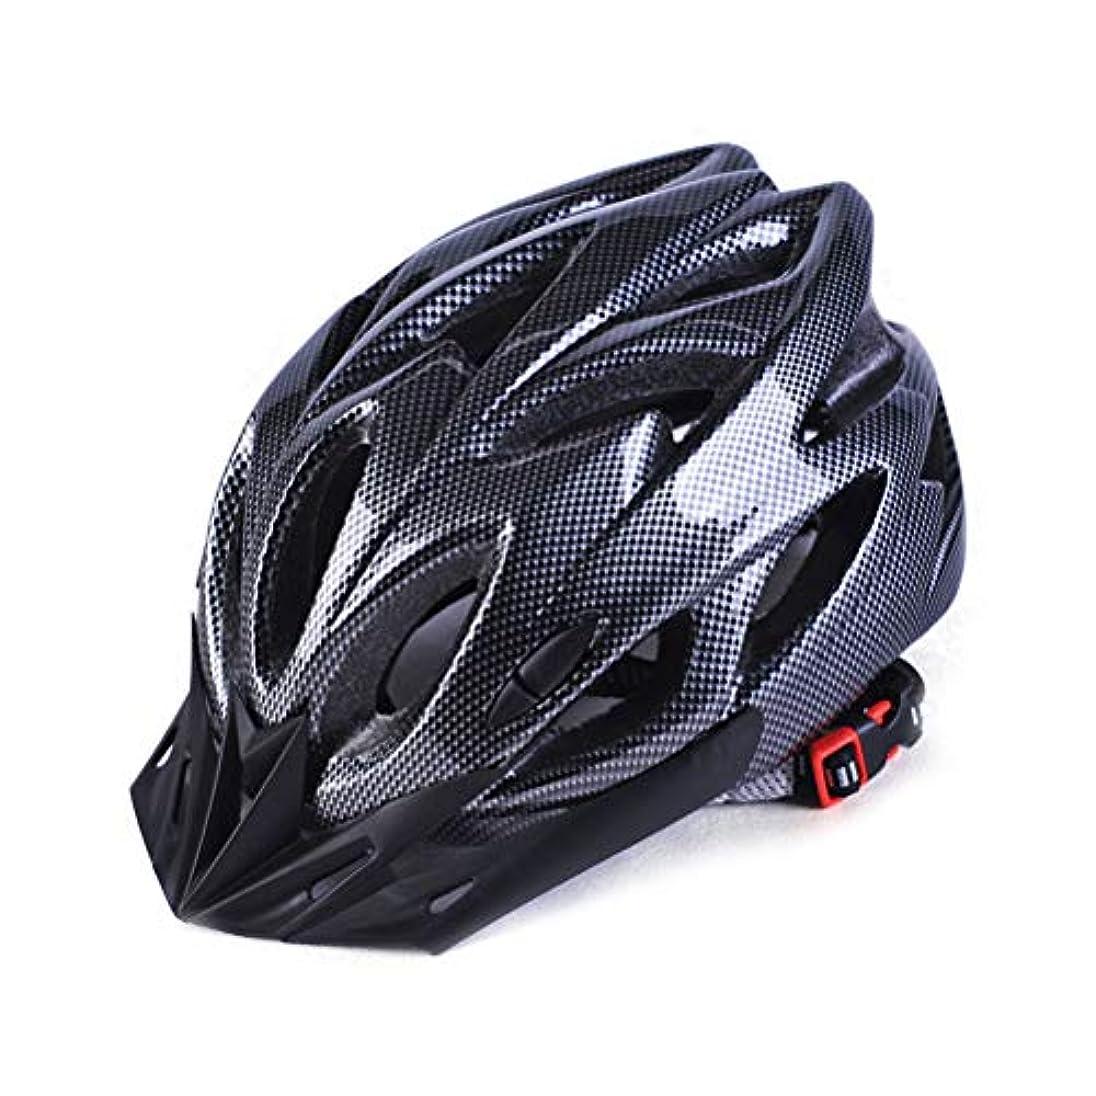 非効率的な夕暮れ伝染性Raten 自転車用ヘルメット サイクリングヘルメット ロードカー 一体成型 大人用 超軽量 MTB自転車用ヘルメット アウトドアスポーツ マウンテンロードバイク用 超軽量 高剛性  通勤 男女兼用 通気 サイズ調整可能 サイクリング/山地/道路に最適のヘルメット